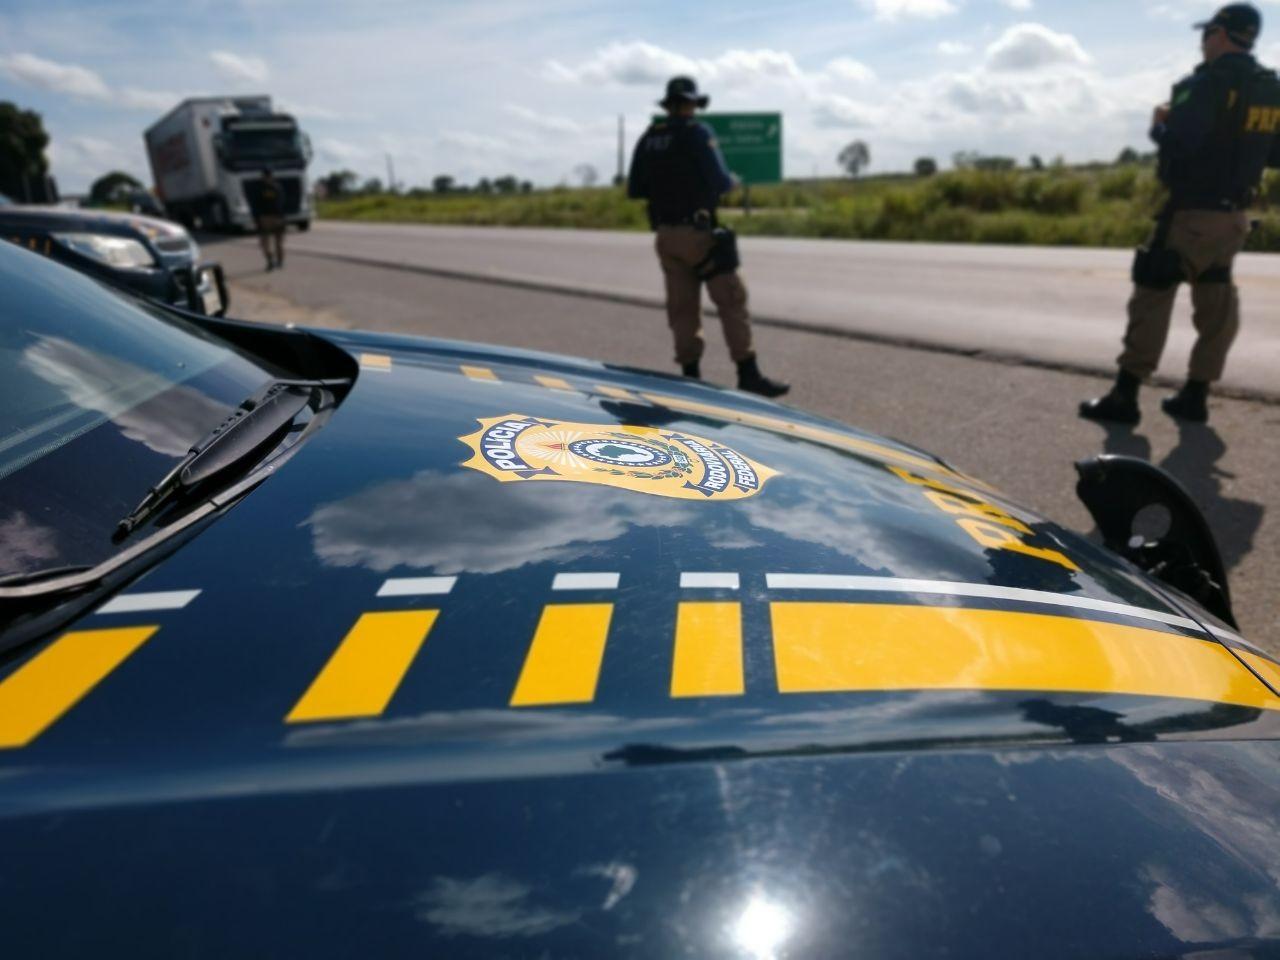 Rodovias federais em AL terão restrição de tráfego de veículos de cargas na quinta-feira e no domingo  - Radio Evangelho Gospel